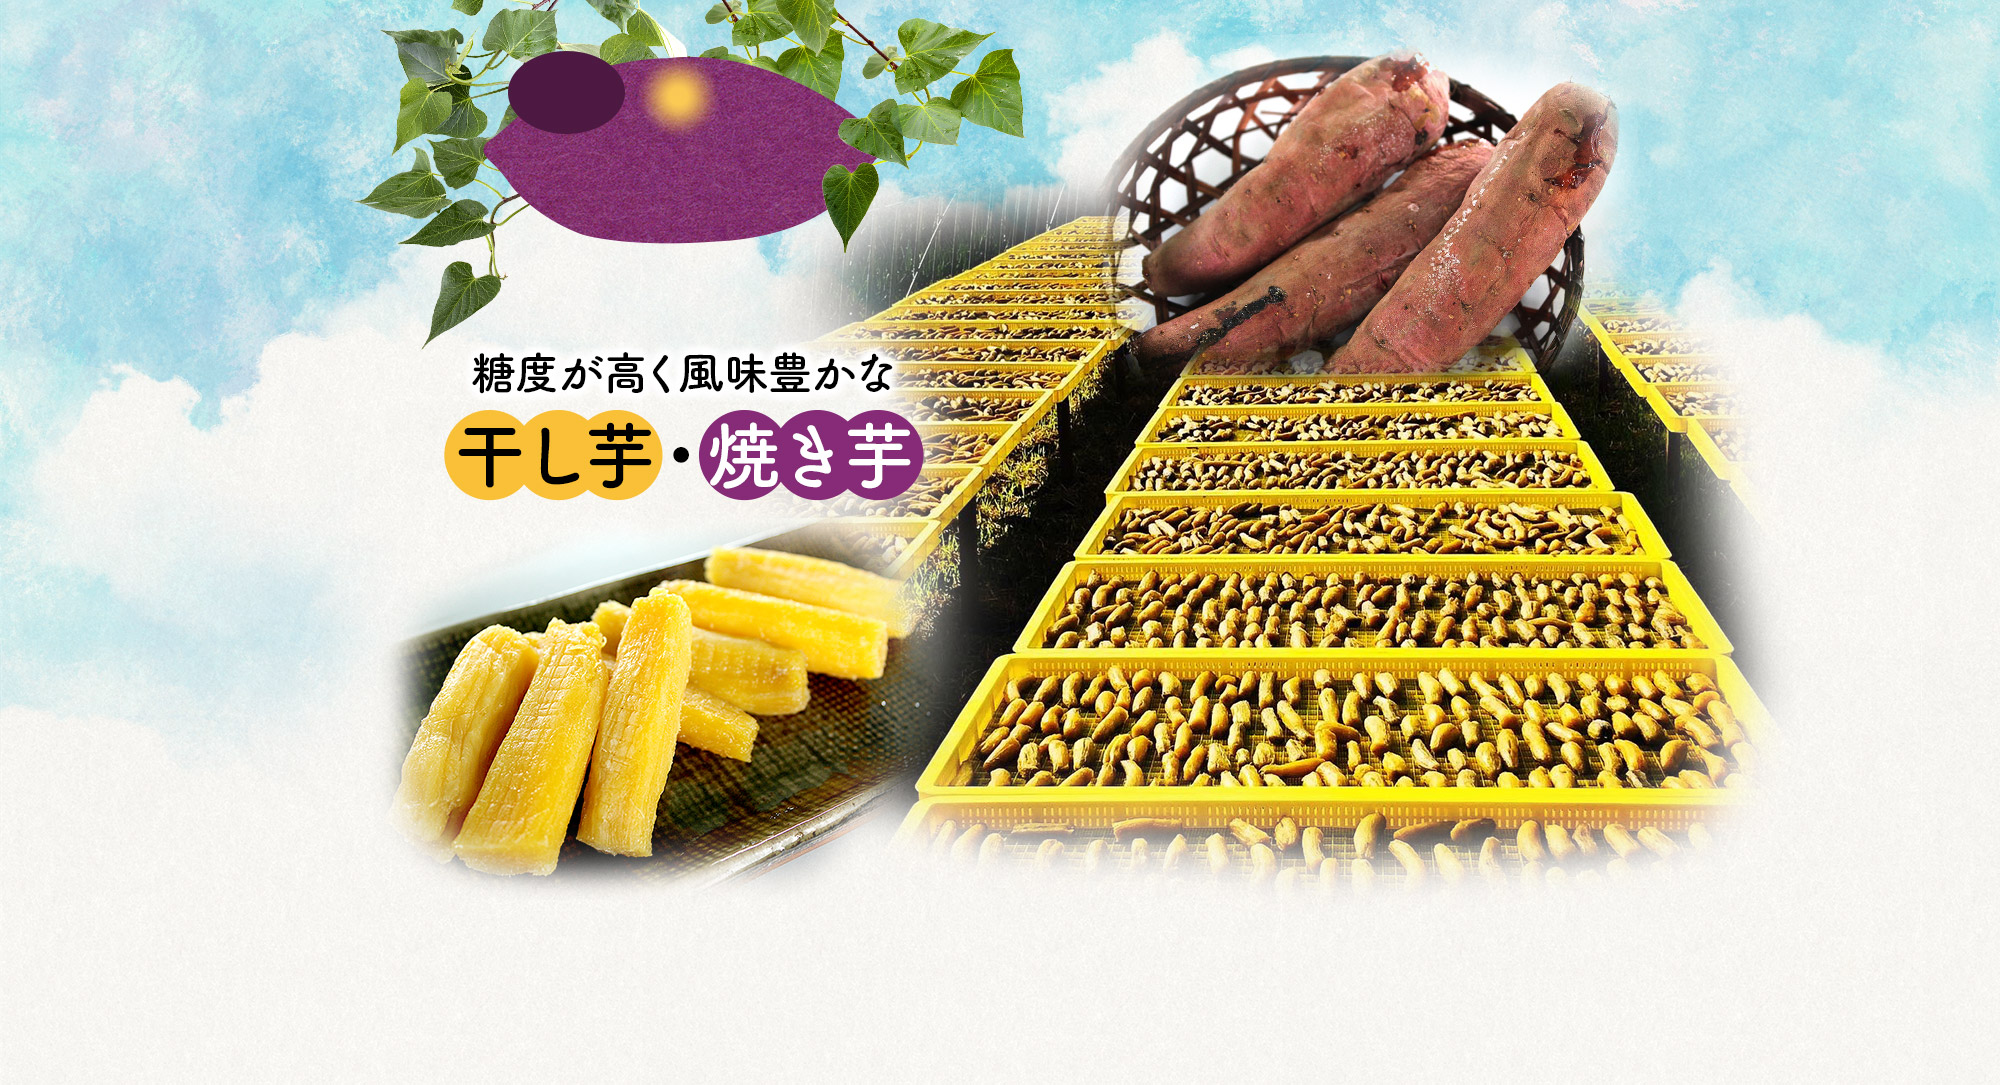 糖度が高く風味豊かな干し芋・焼き芋